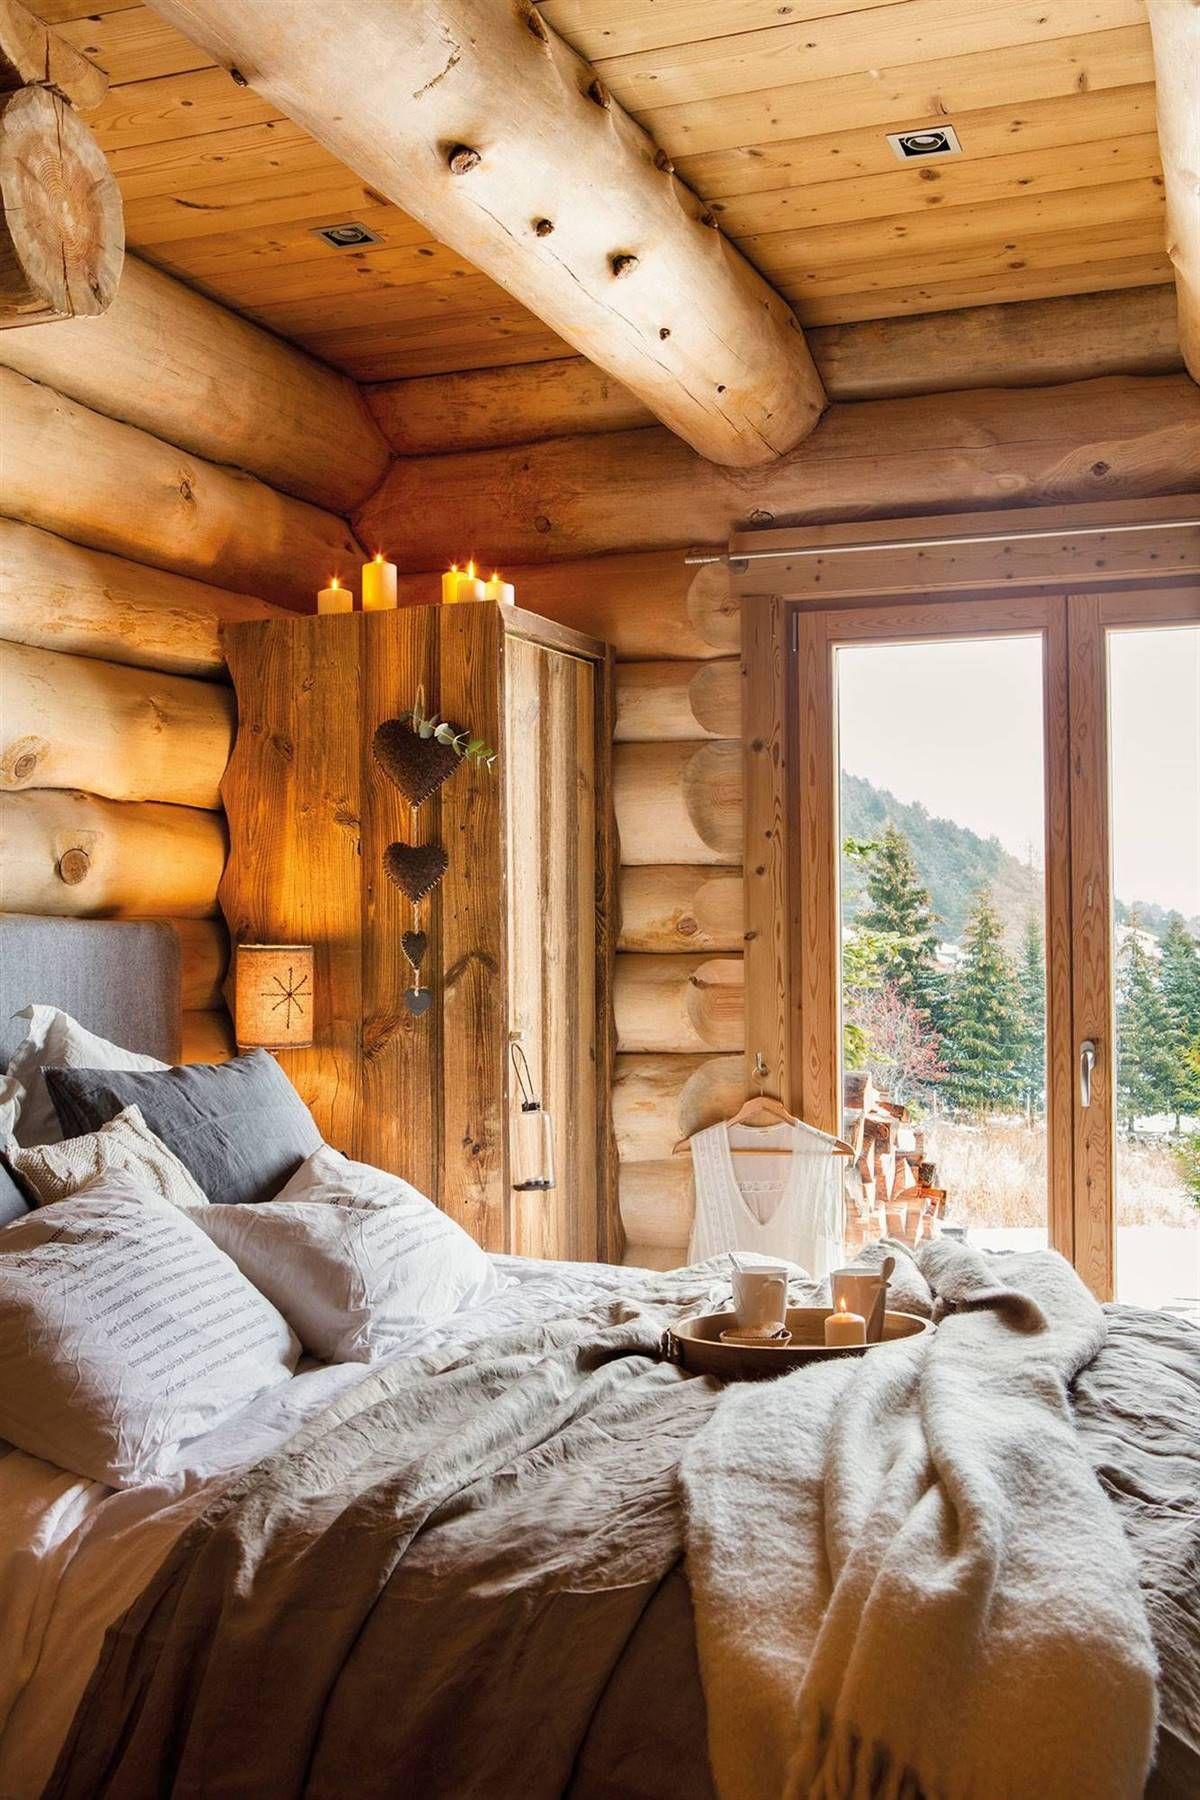 Una Cabana En La Nieve Mimetizada Con El Paisaje Dormitorio Rustico Casas Estilo Cabana Casa De Montana Moderna